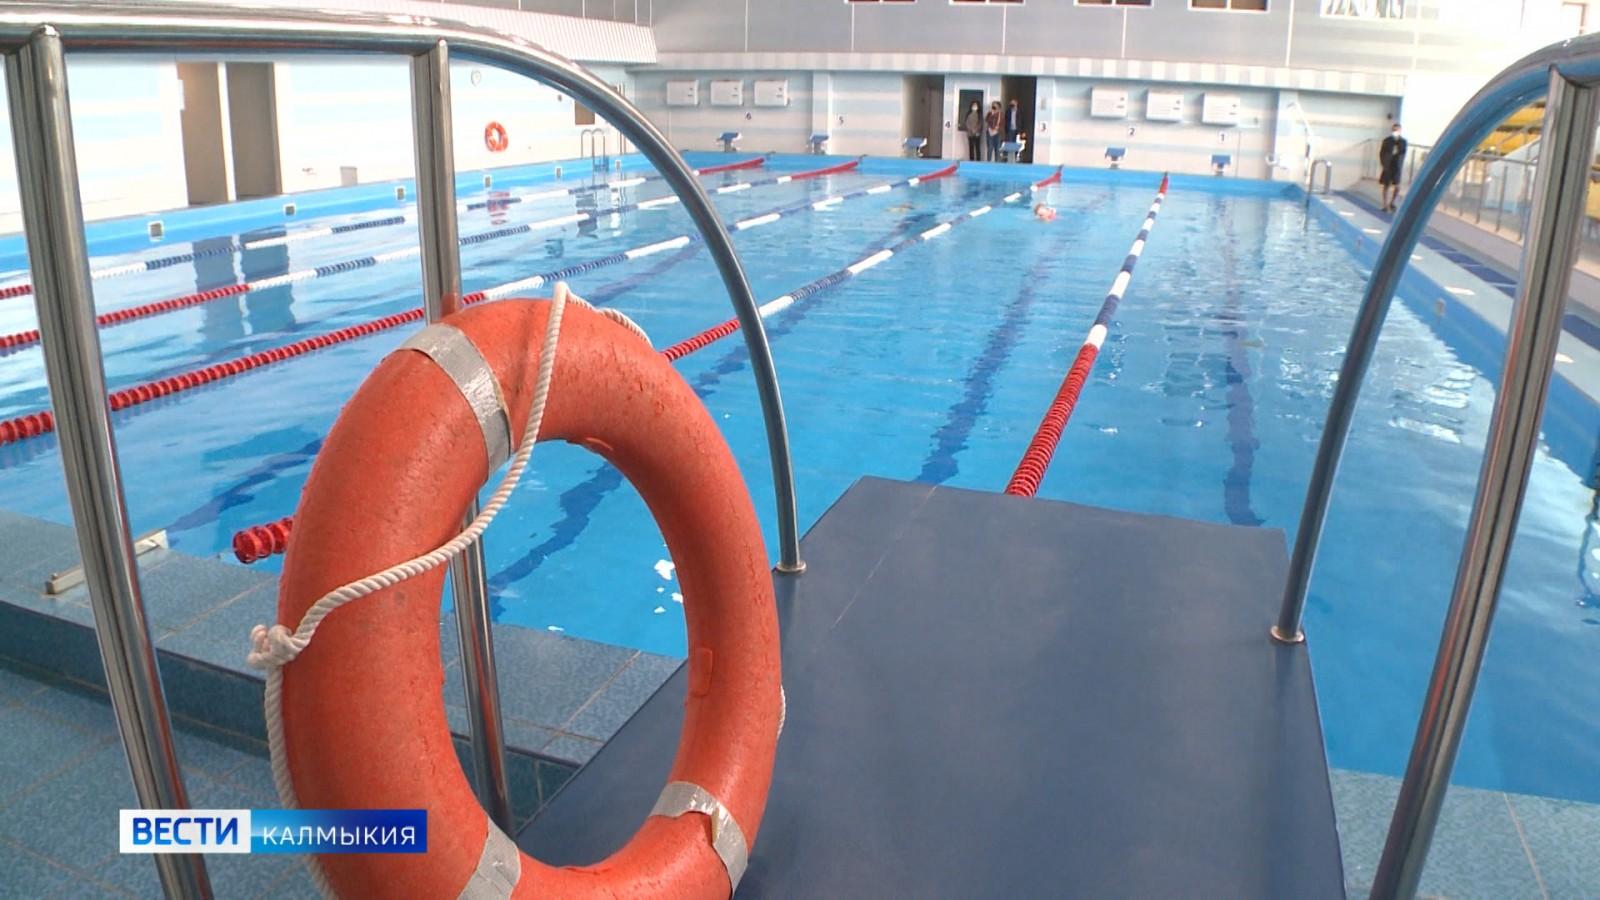 Работа организаций сферы досуга и развлечений, туристических агентств, бассейнов в спортивных объектах уже возобновлена